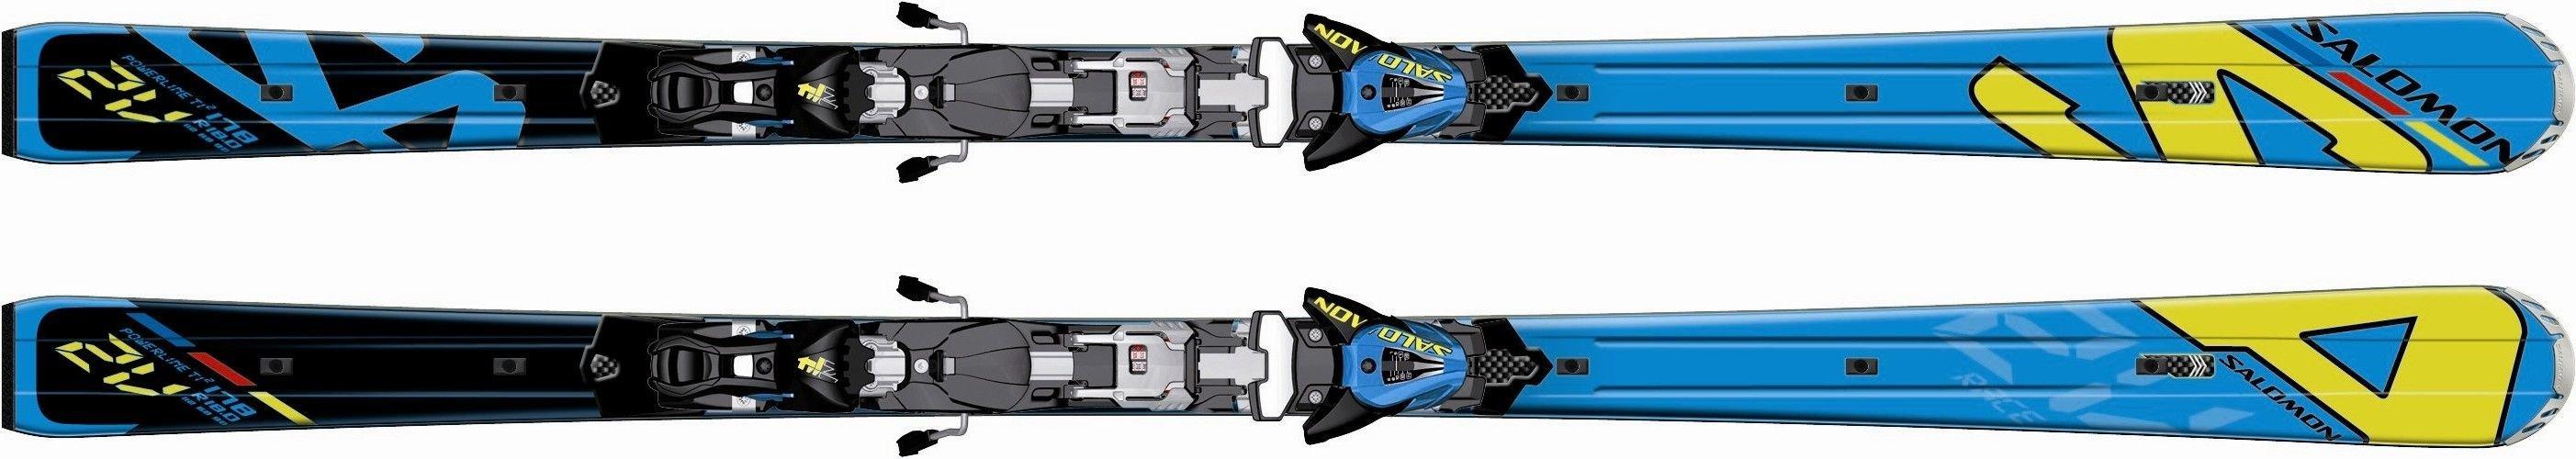 2V RACE POWERLINE